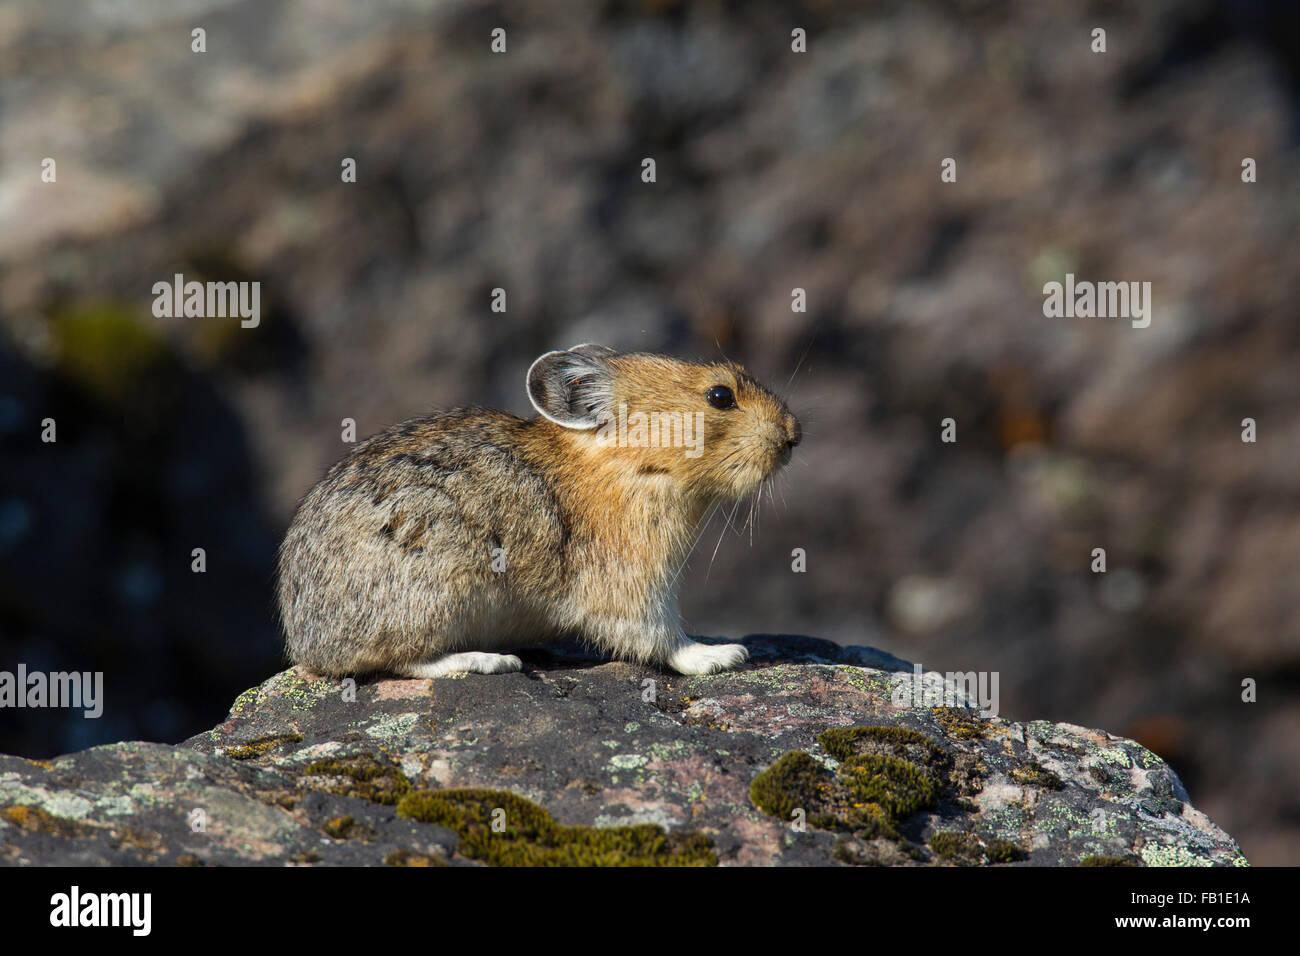 American pika (Ochotona princeps) nativas de las regiones alpinas de Canadá y oeste de EEUU, primeras víctimas Imagen De Stock